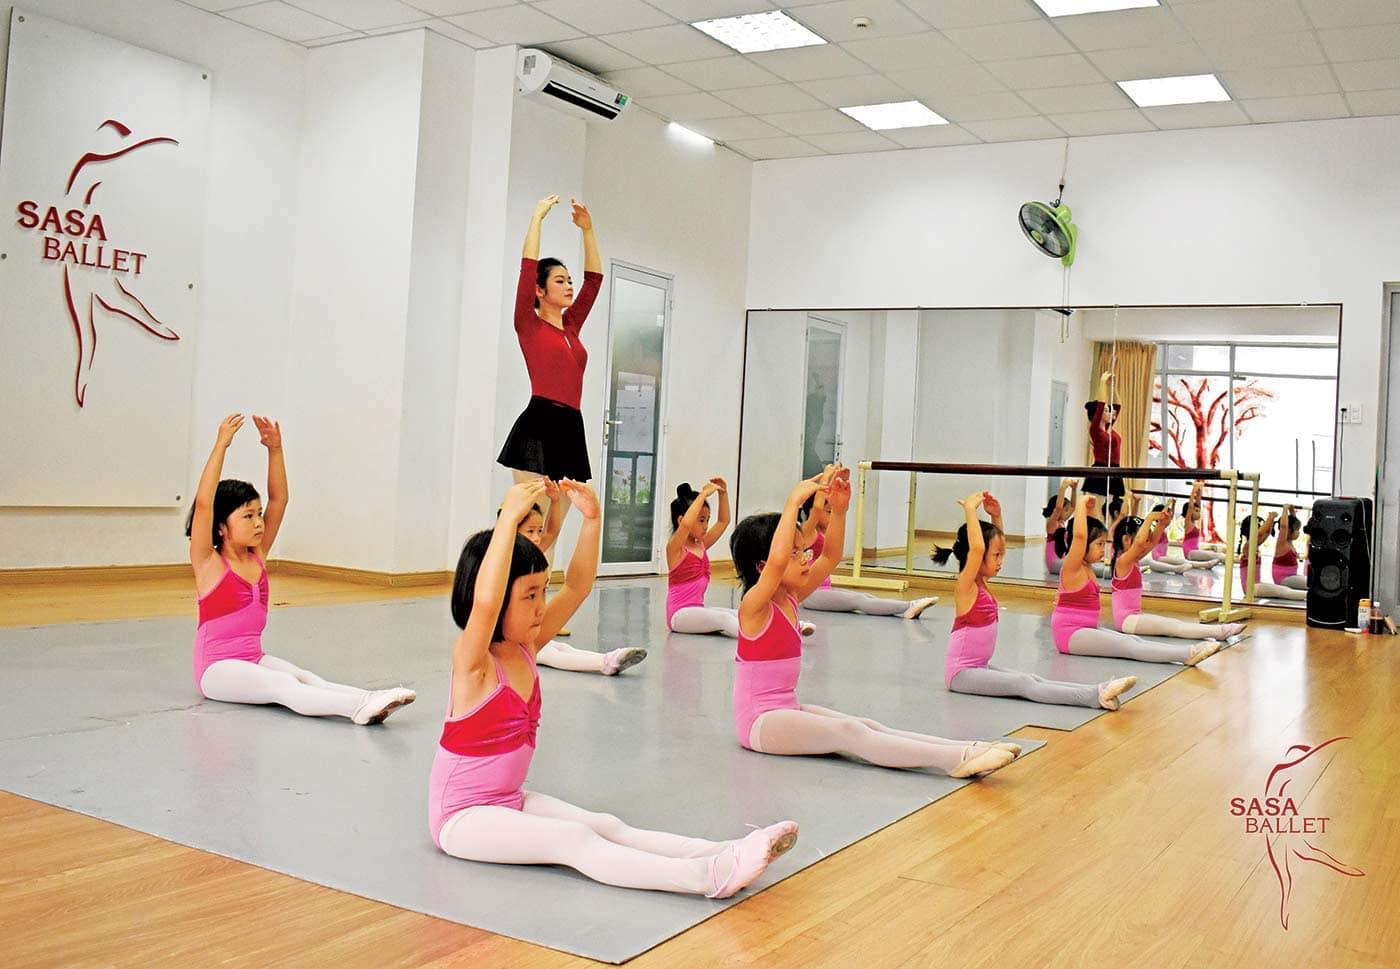 Sasa Ballet